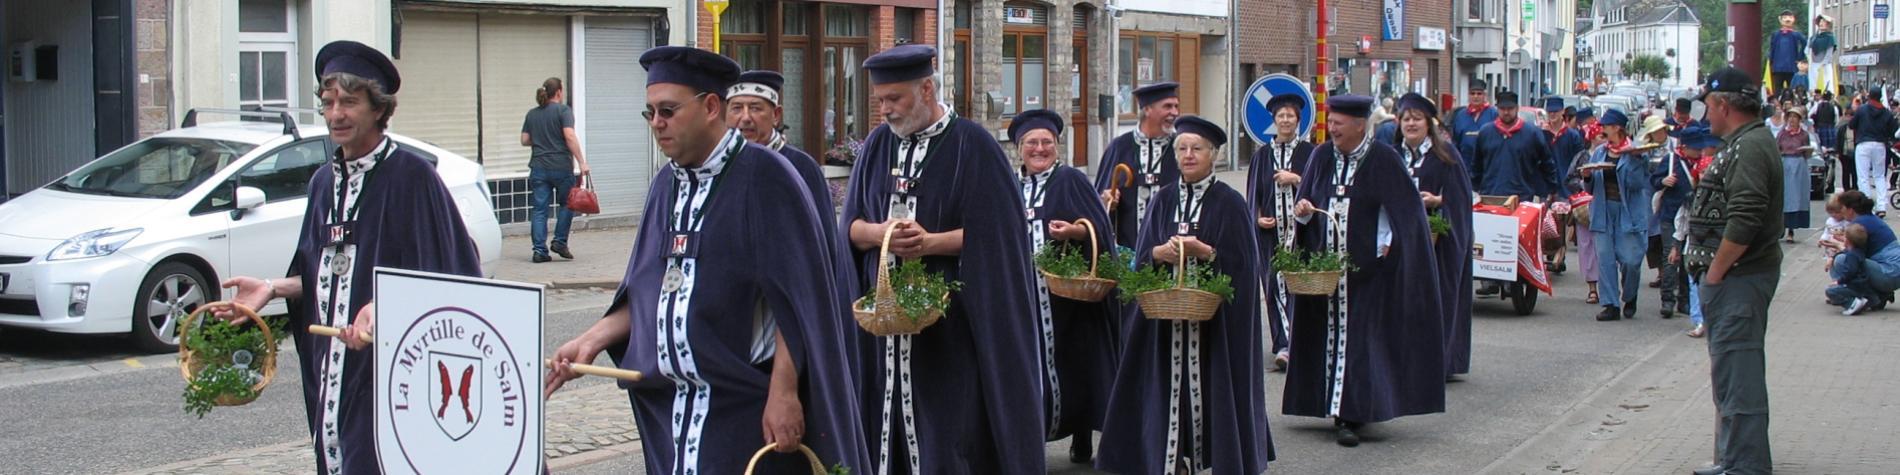 Assistez au cortège folklorique lors de la Fête des Myrtilles à Vielsalm